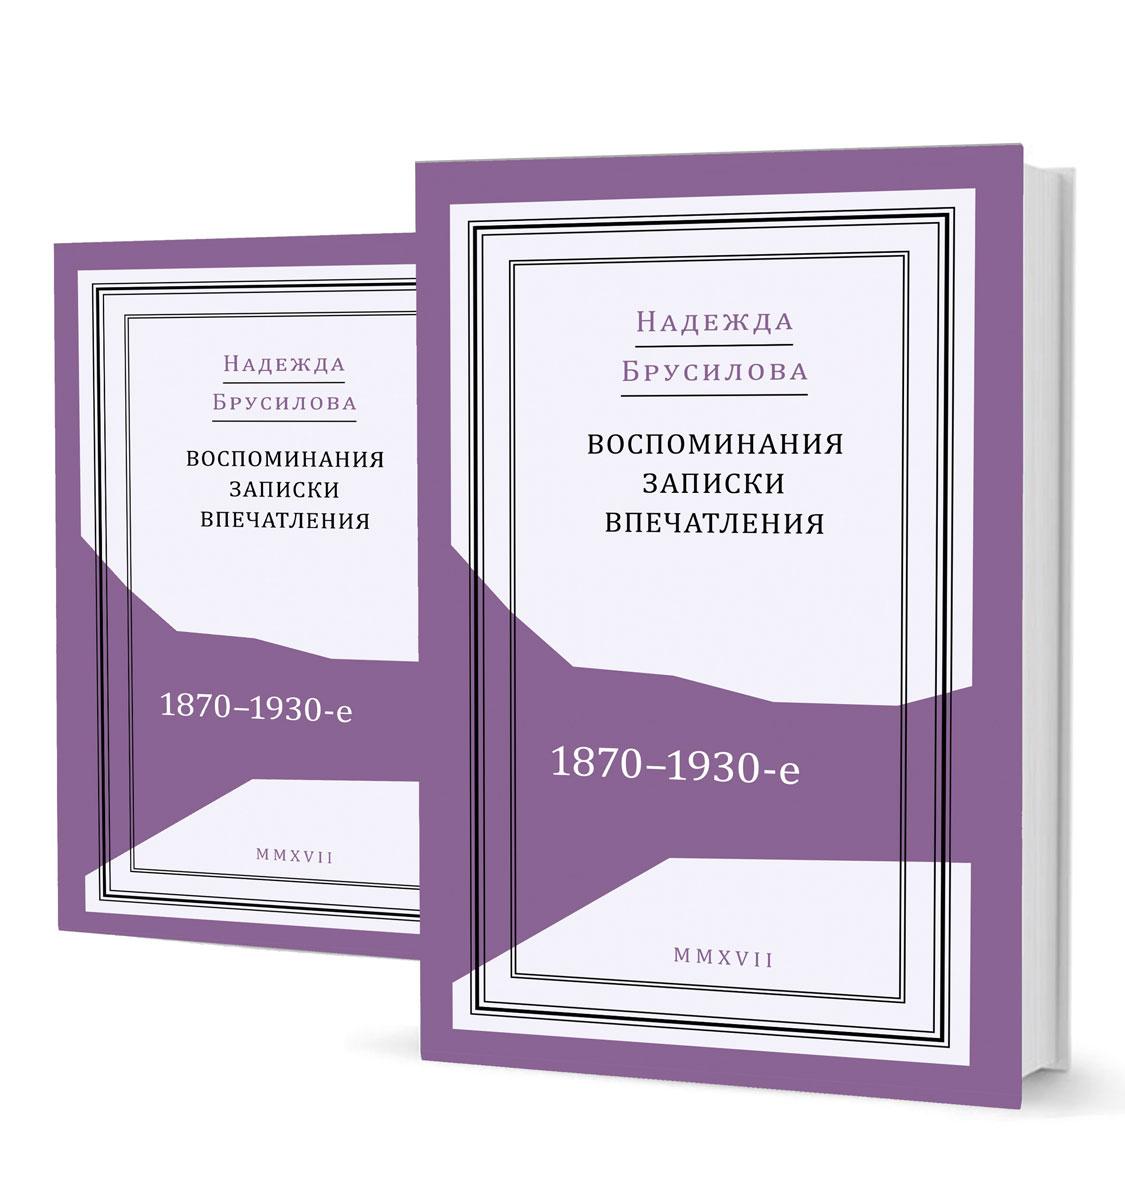 Надежда Брусилова Воспоминания, записки, впечатления. 1870–1930-е. В 2 томах (комплект из 2 книг)